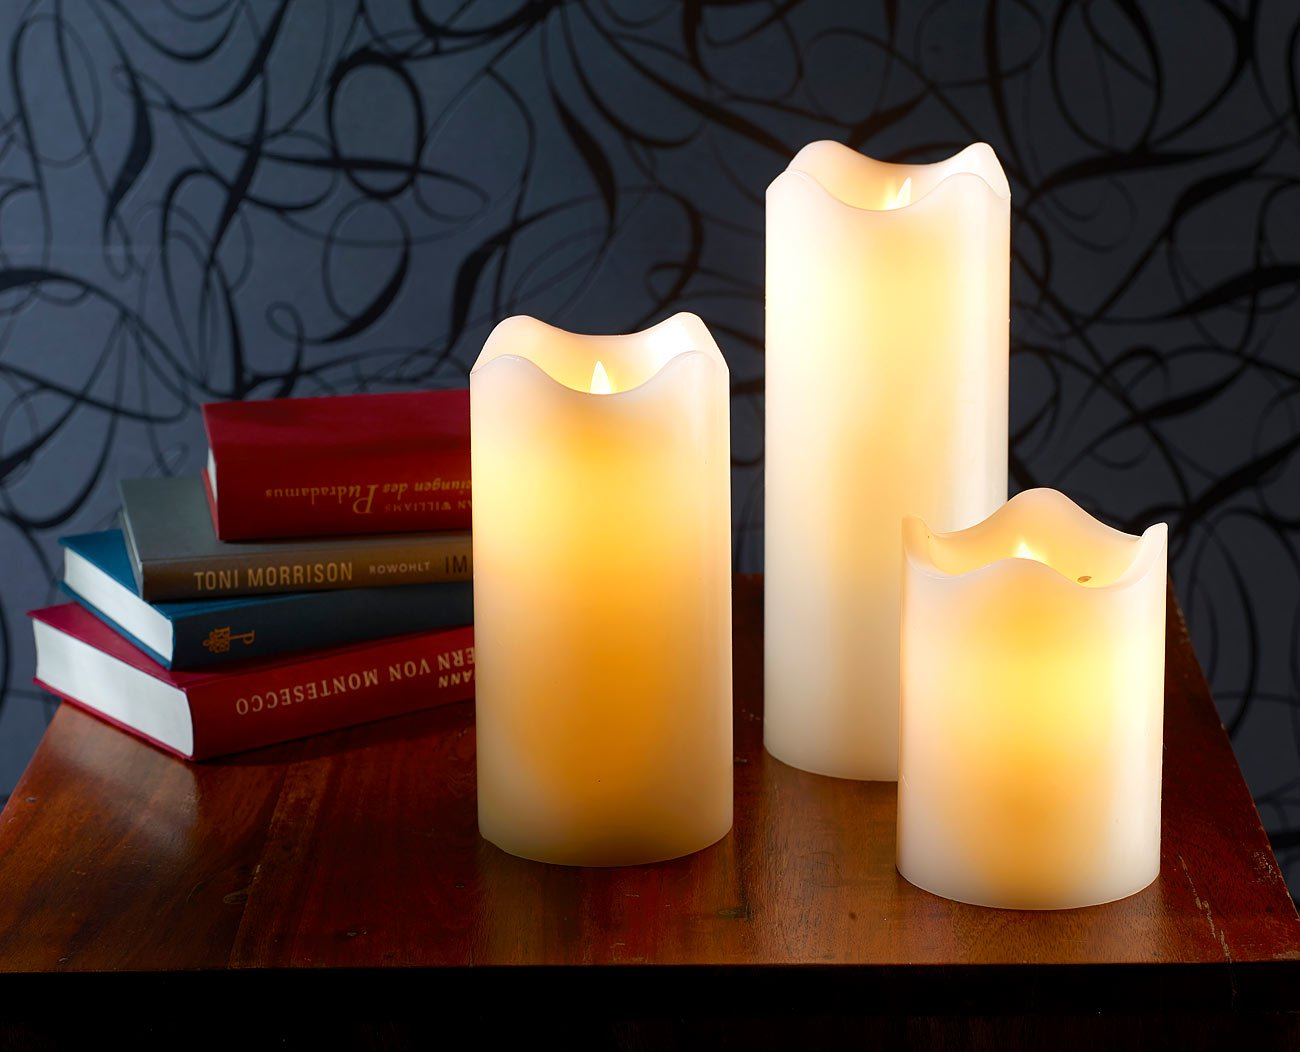 Britesta Elektro Kerzen 23 cm hoch LED Kerze mit beweglicher Flamme LED-Echtwachskerze mit beweglicher Flamme